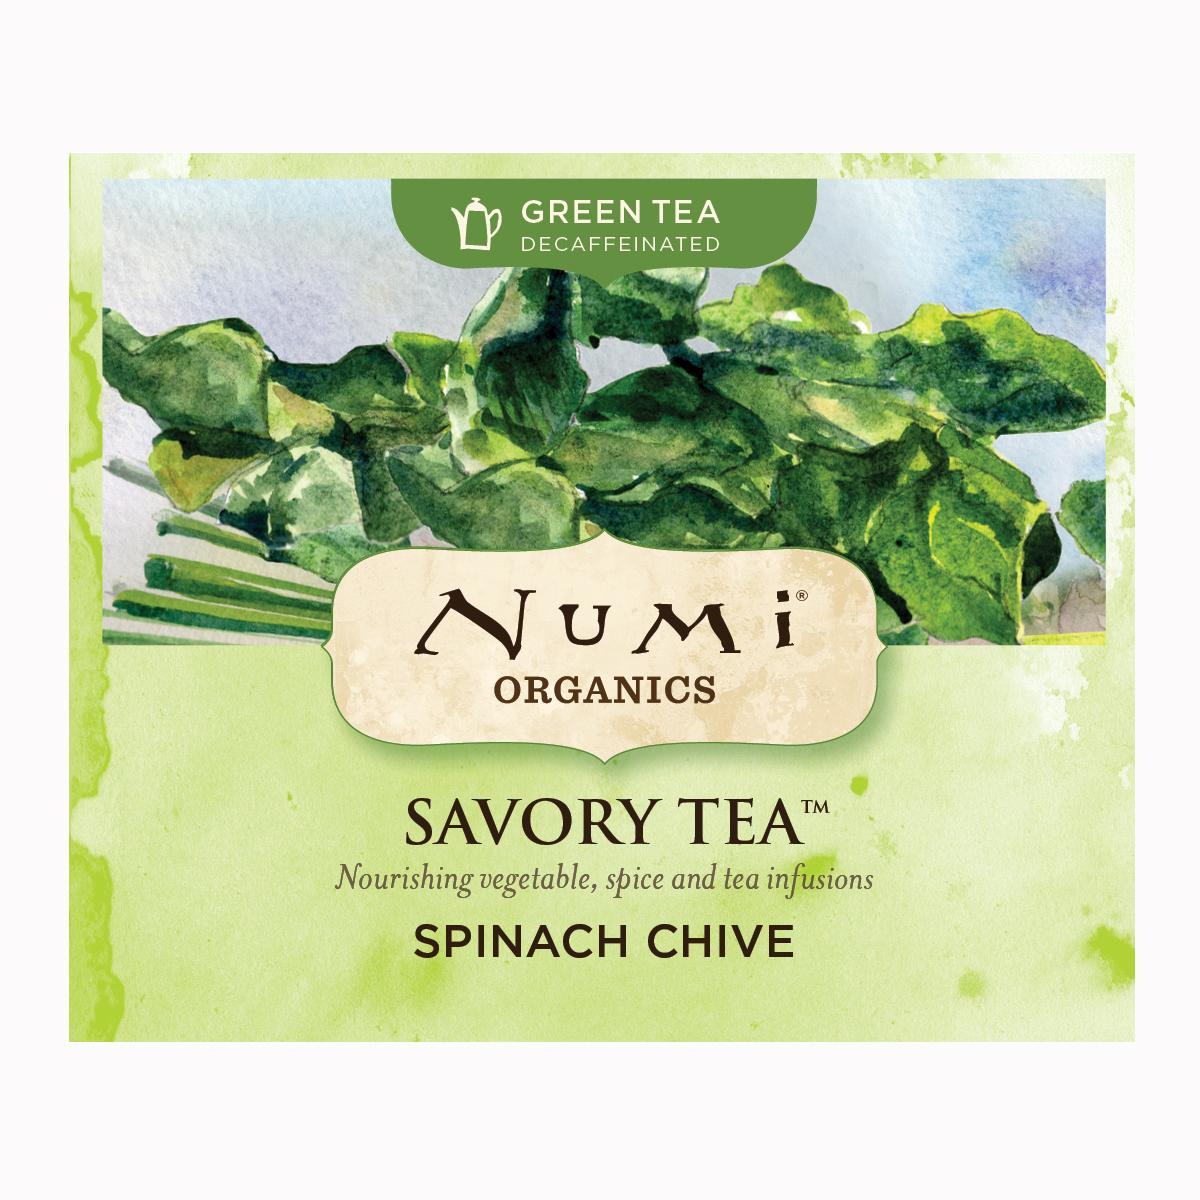 Numi Kořeněný čaj Spinach Chive, Savory Tea 1 ks